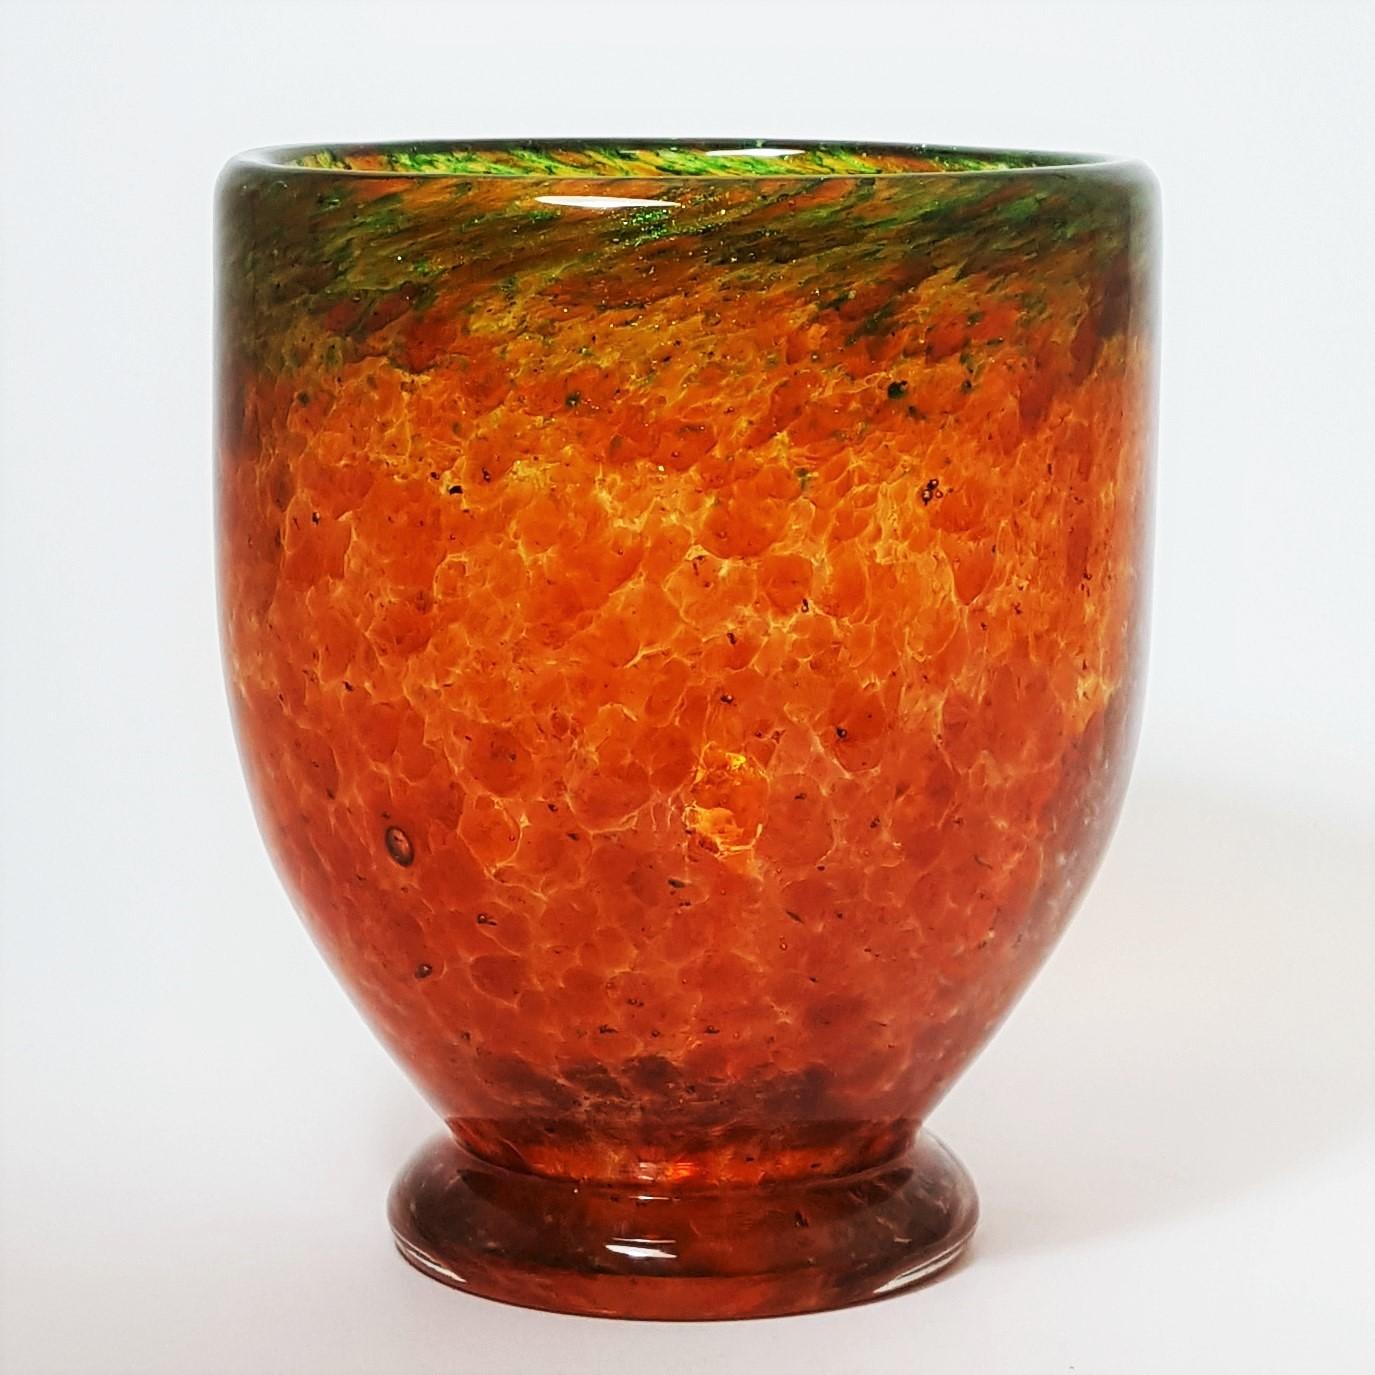 Monart tangerine vase